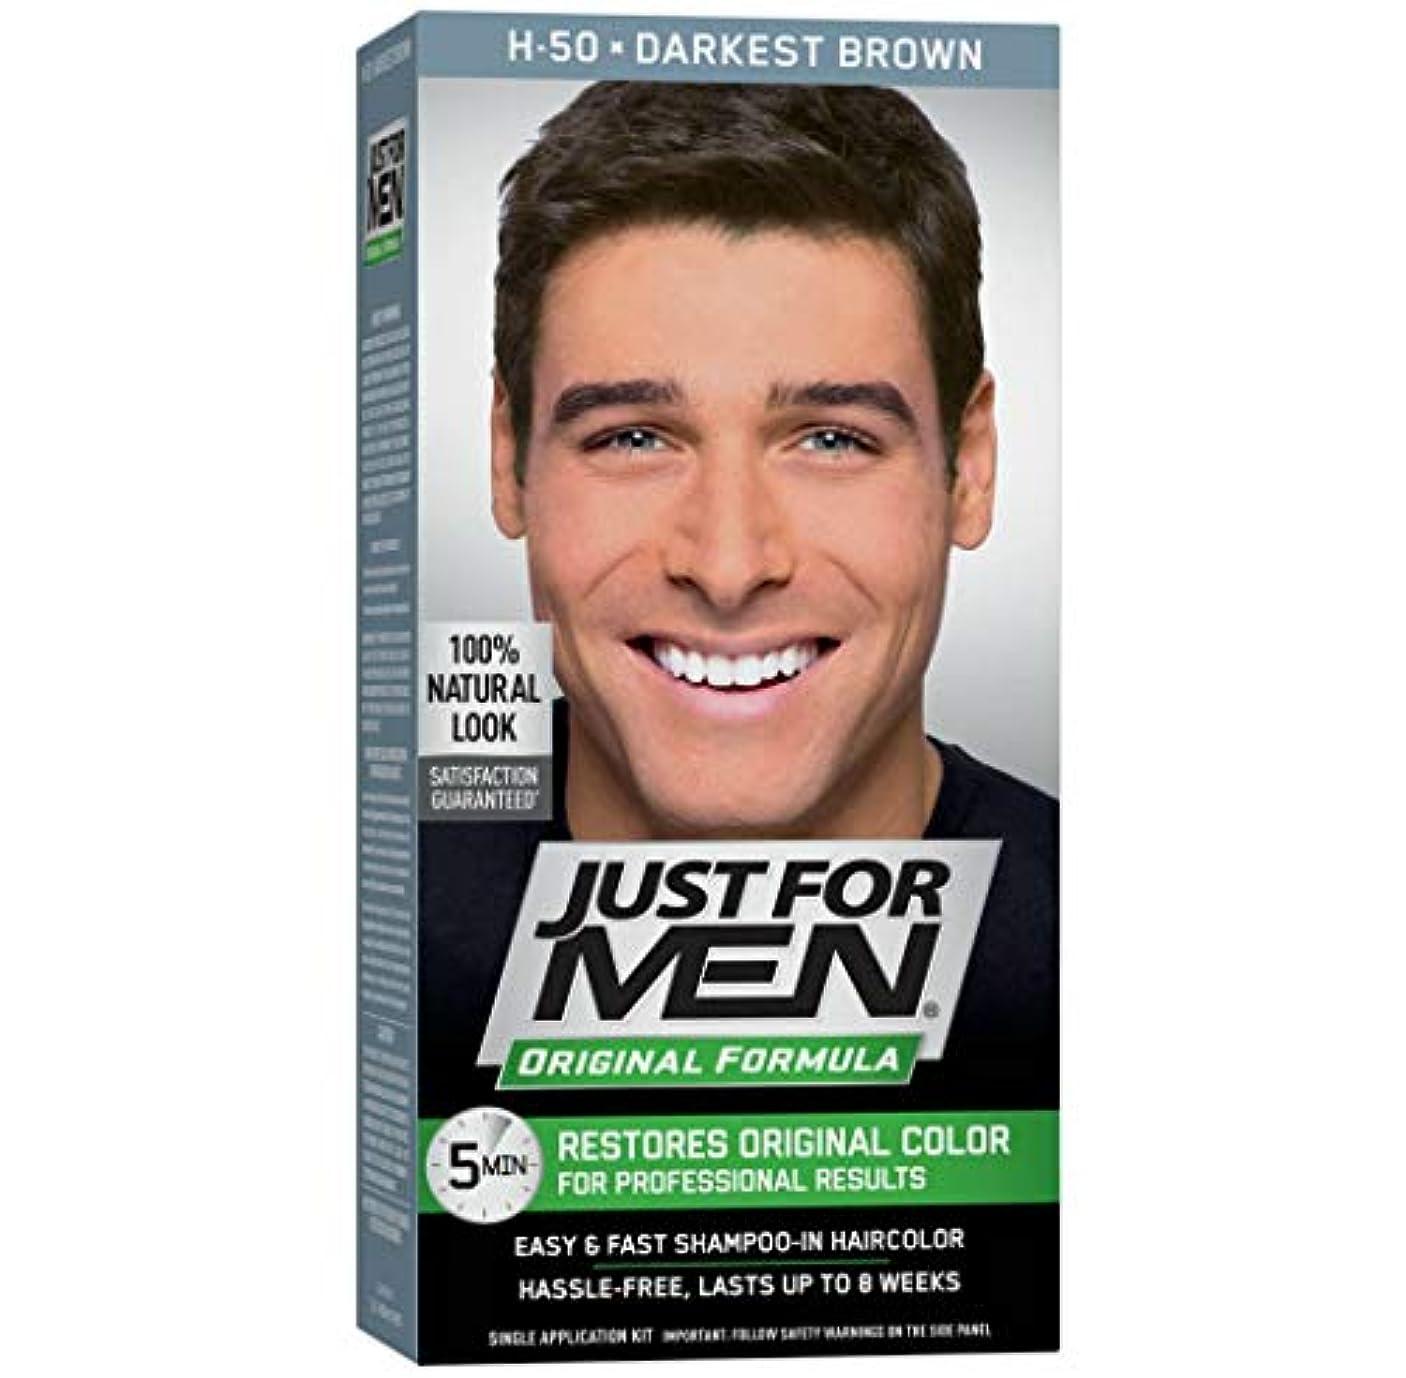 シールドパターンドルJust for Men Shampoo-In Hair Color Darkest Brown 50 (並行輸入品)